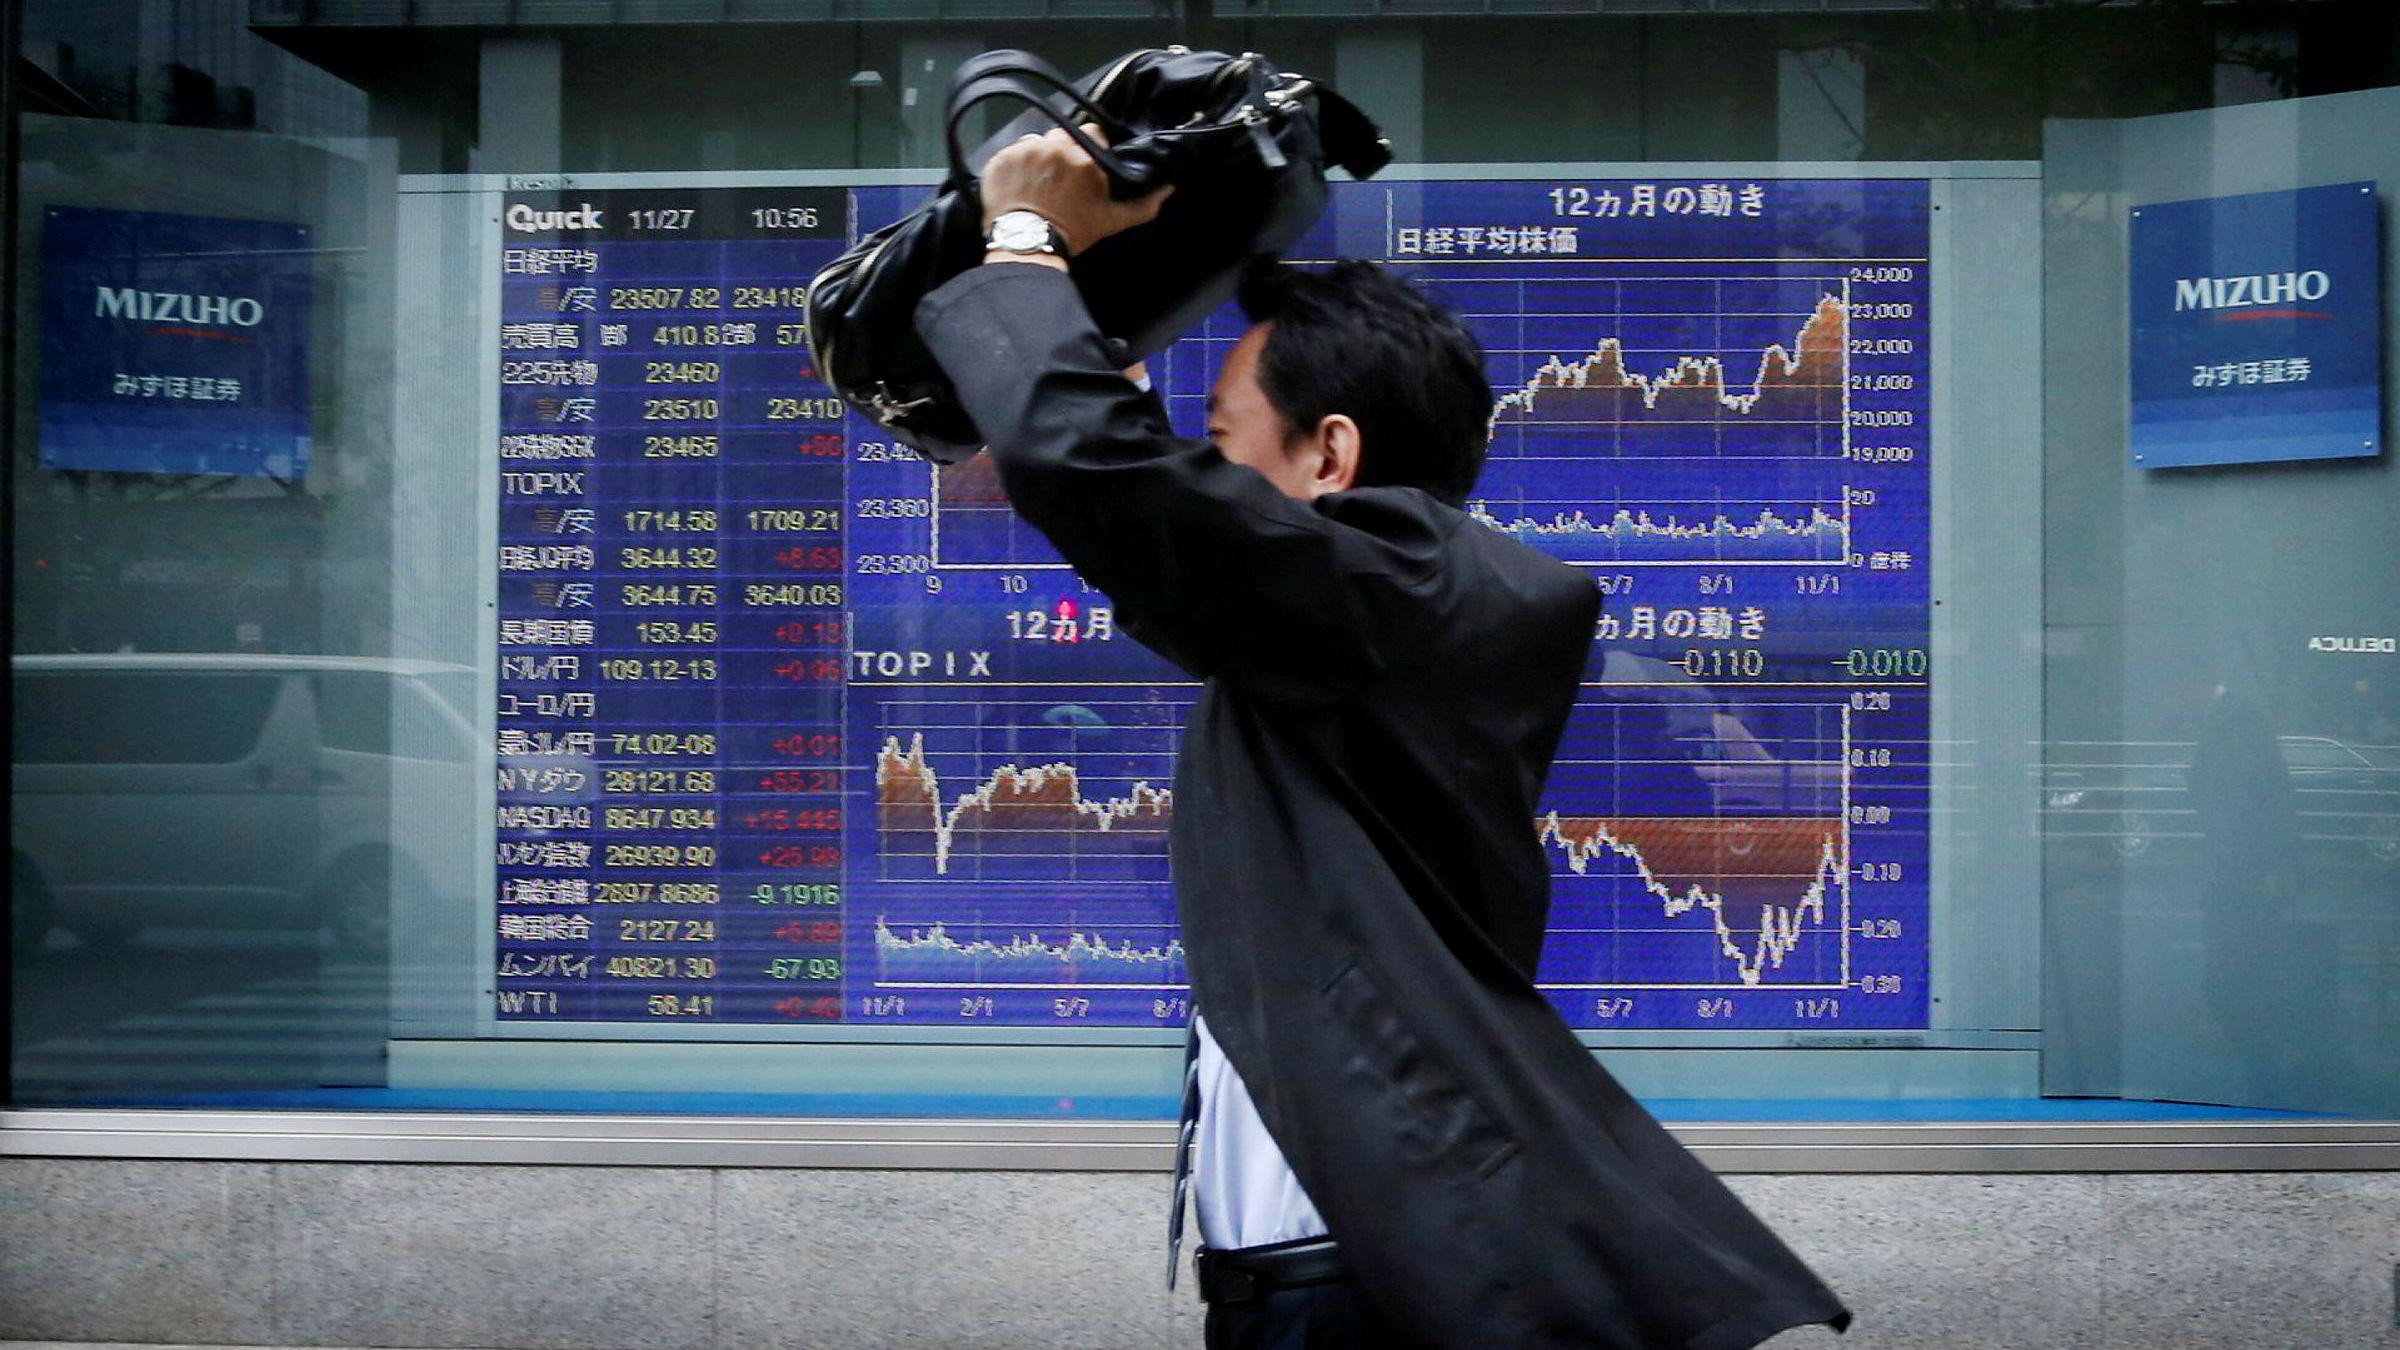 Tokyo-børsen har hatt en solid høst med en bred oppgang. Nikkei-indeksen nærmer seg nivåer den sist hadde på begynnelsen av 1990-tallet. Denne mannen passerte en kursoversikt i Tokyo sentrum onsdag morgen.